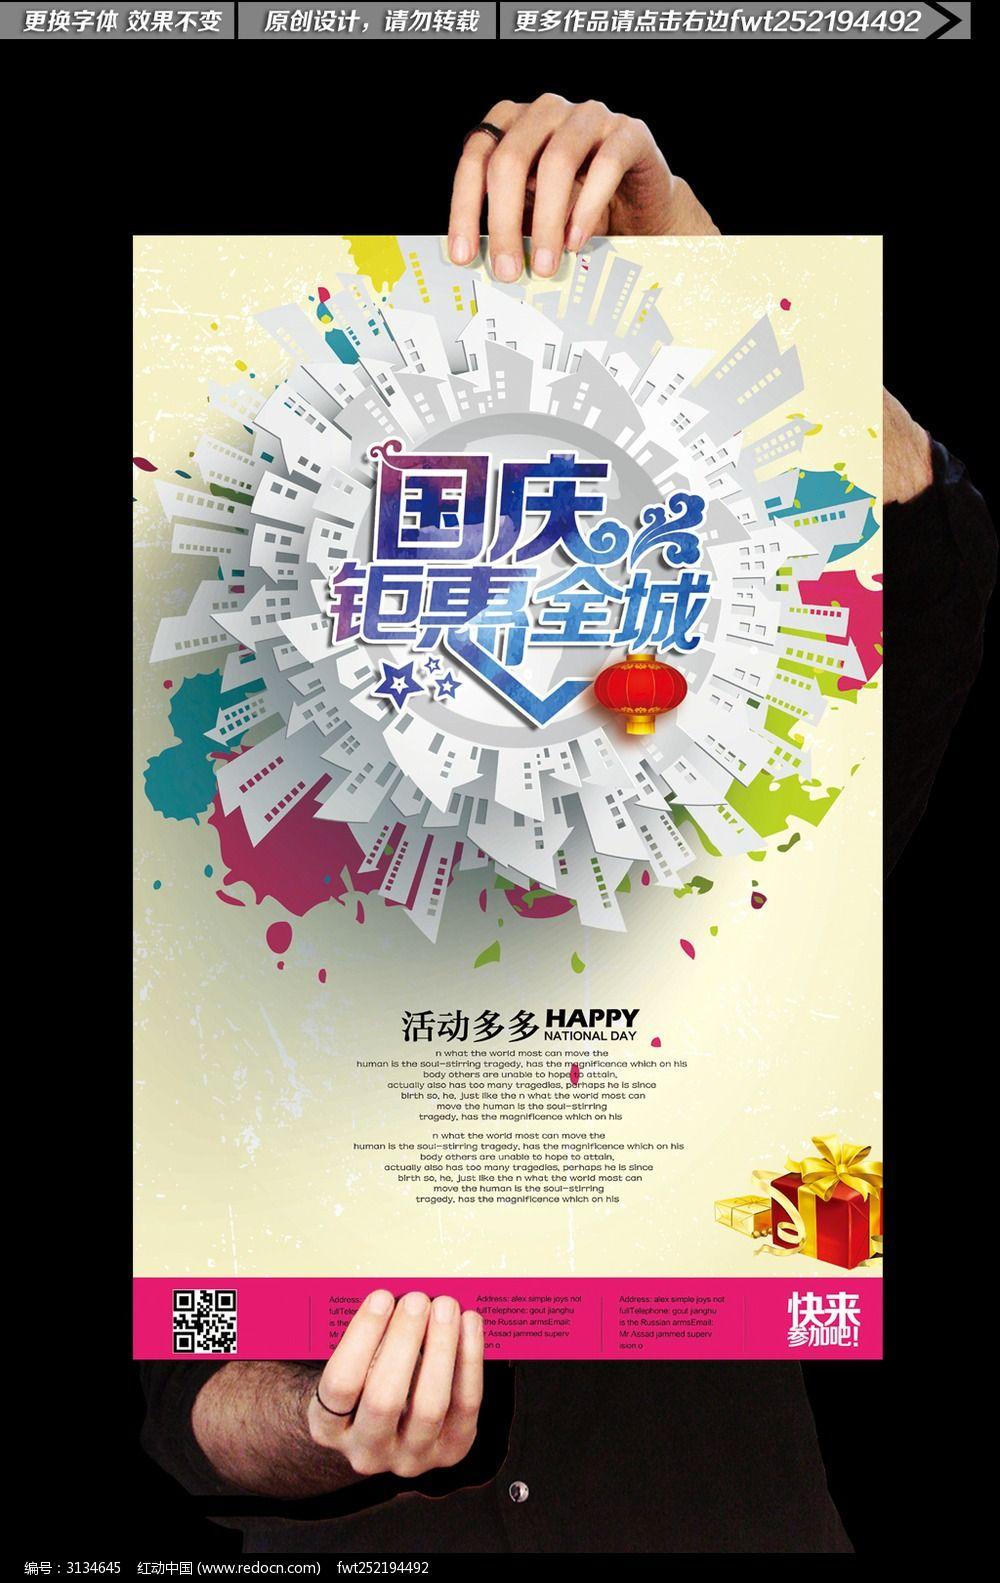 国庆节创意地球宣传海报图片